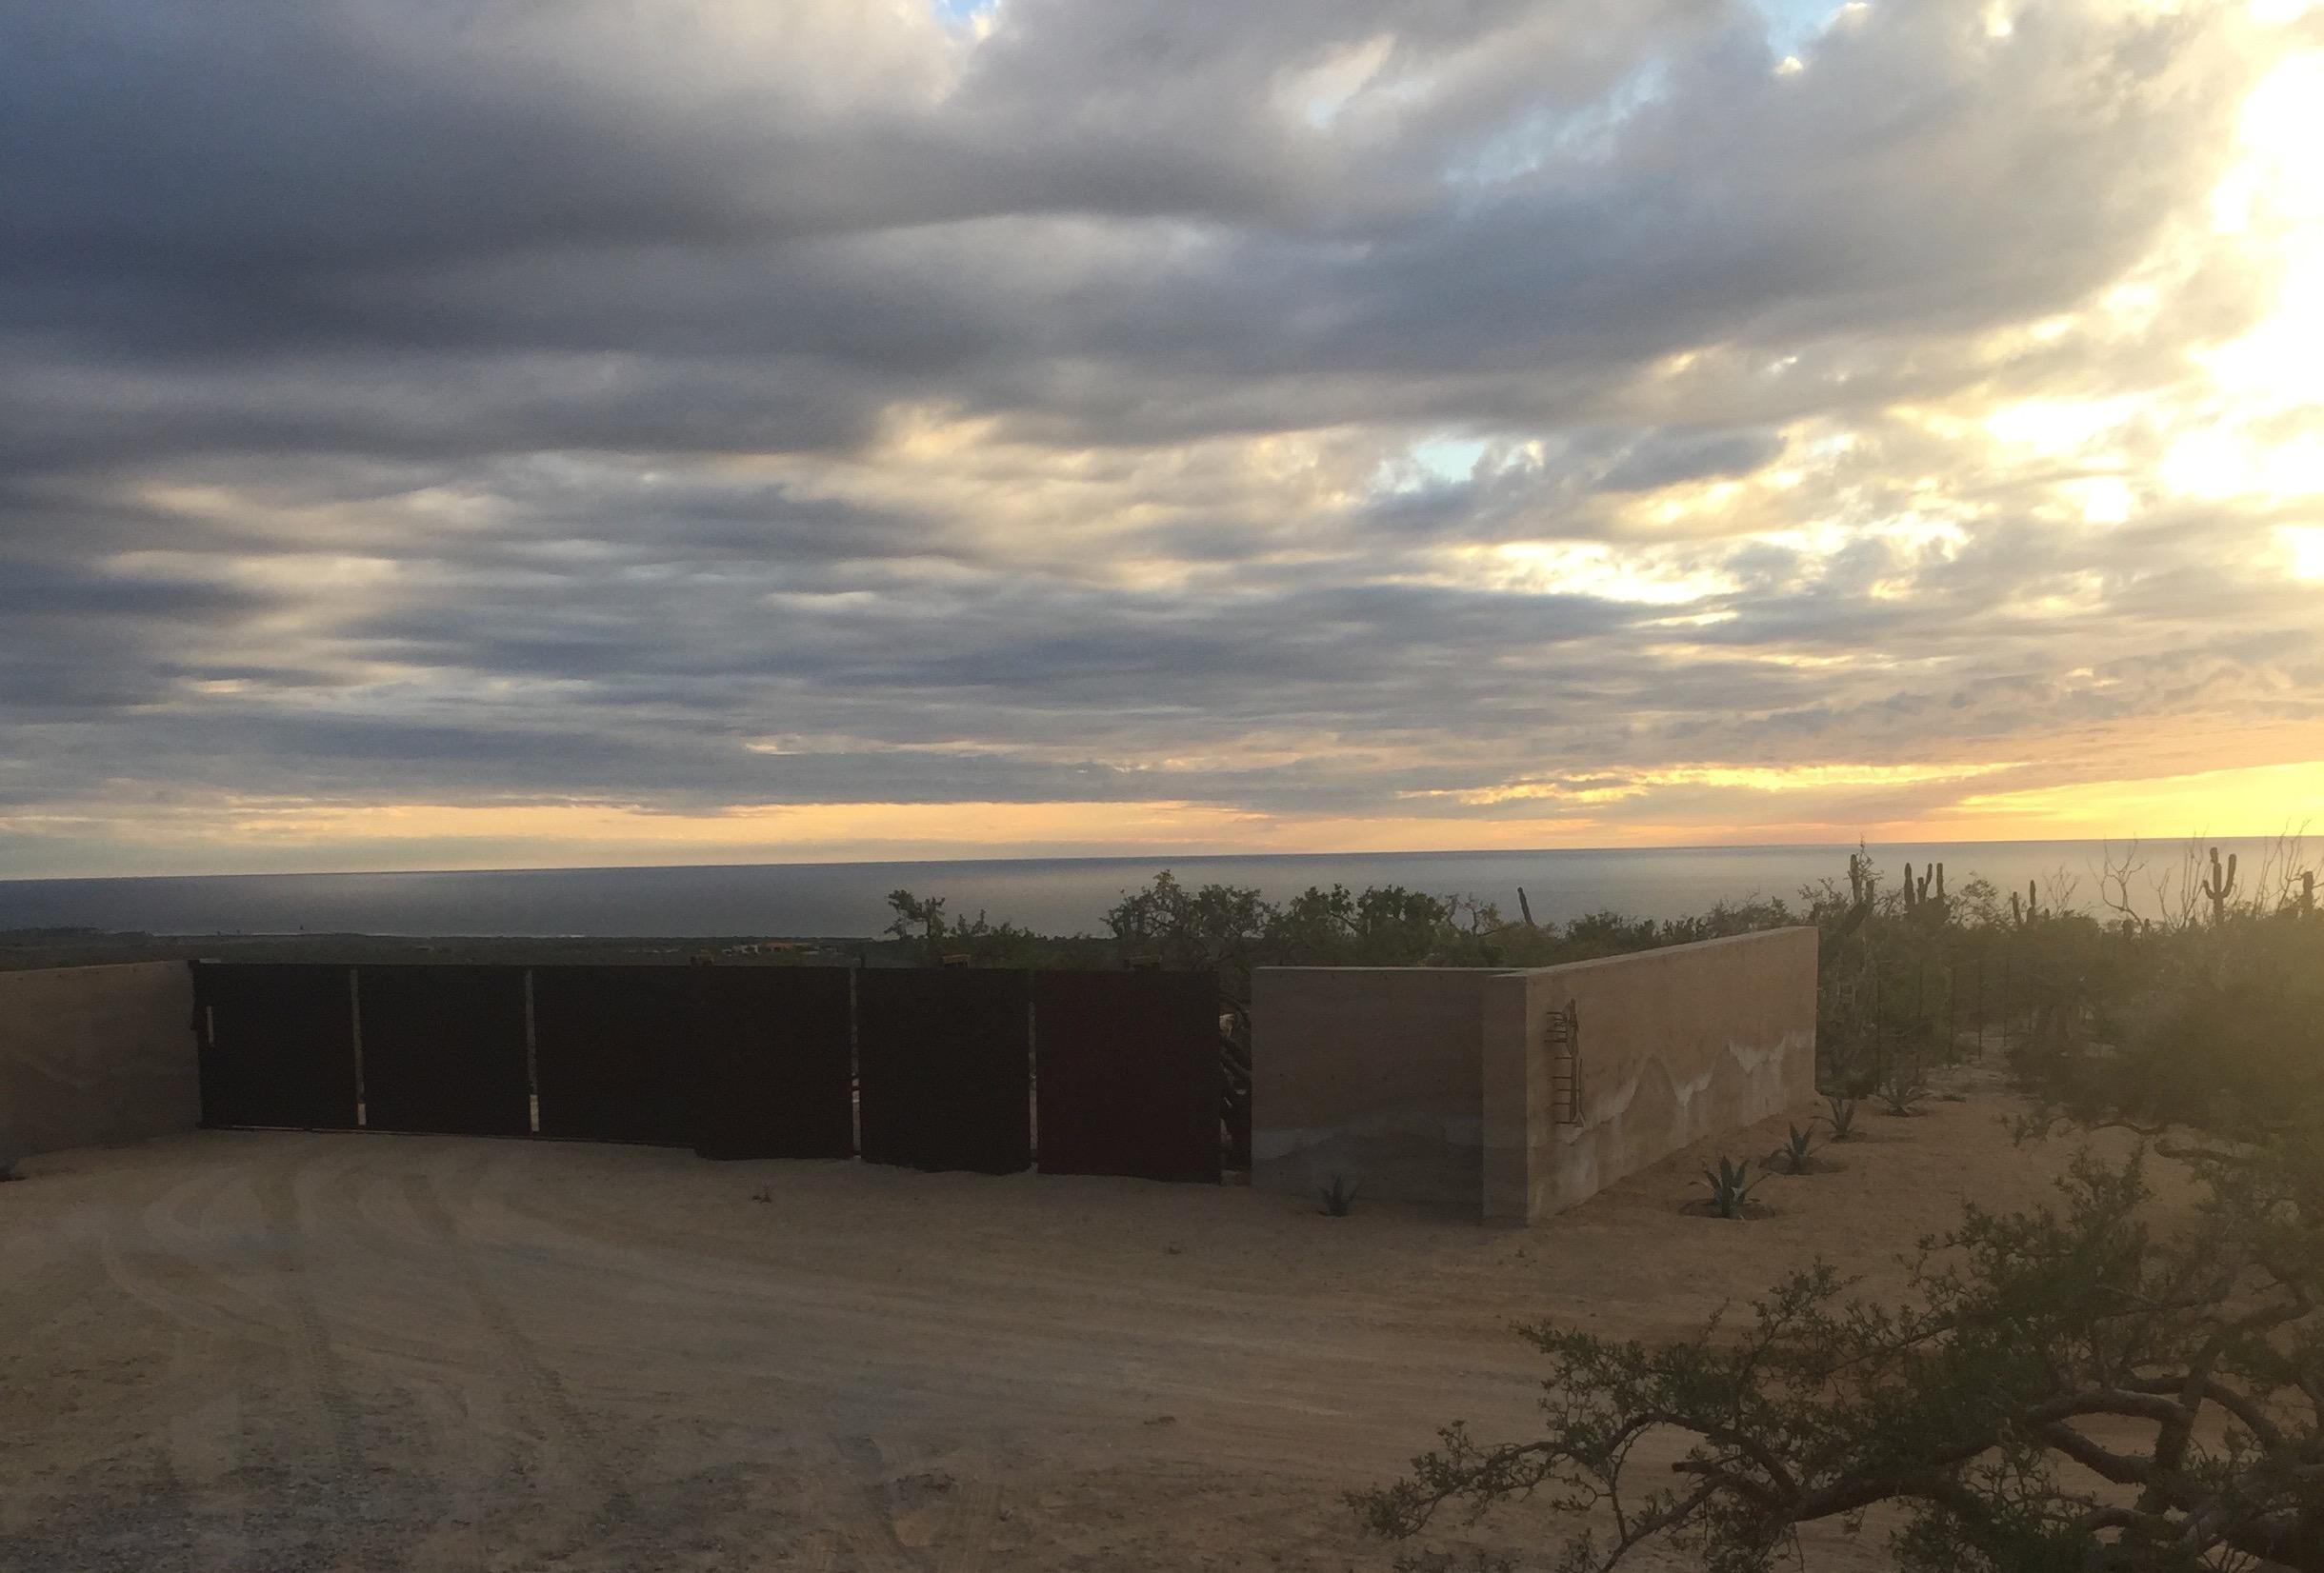 Entrada_sunset_Taller de Terreno_2018.jpg